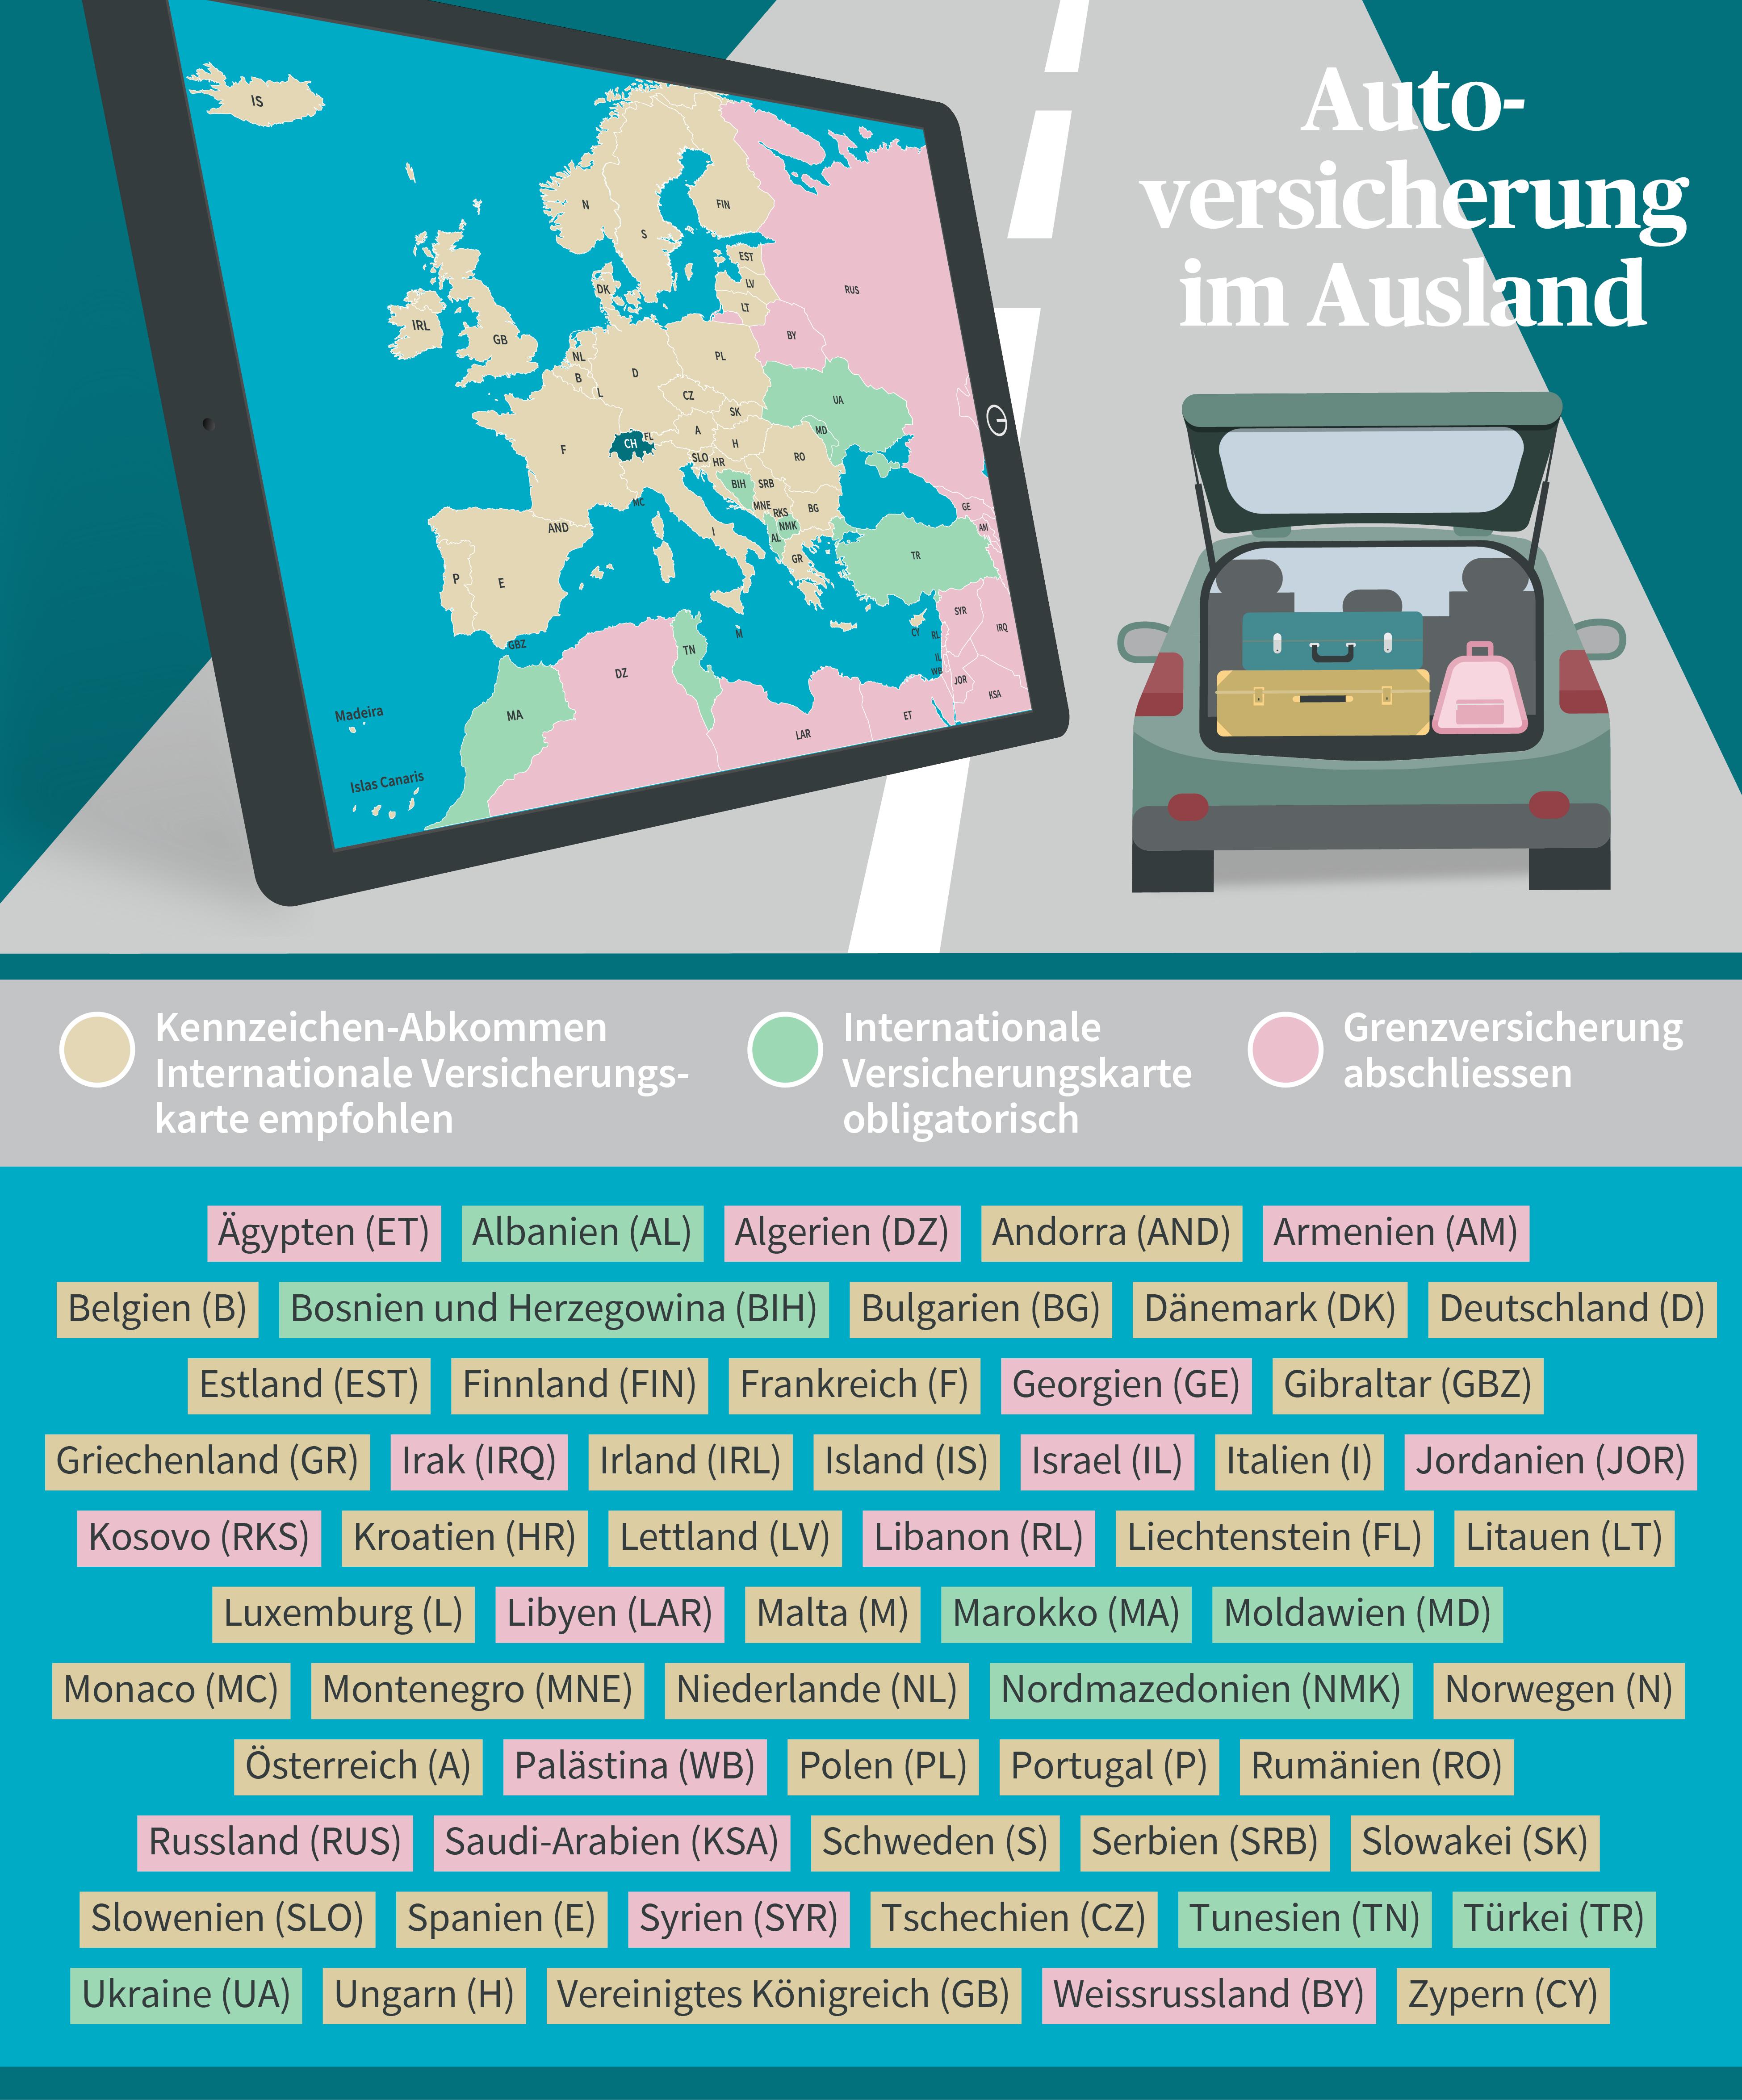 Grafik/Länderaufzählung , Versicherungsschutz Auto im Ausland (Grüne Karte)